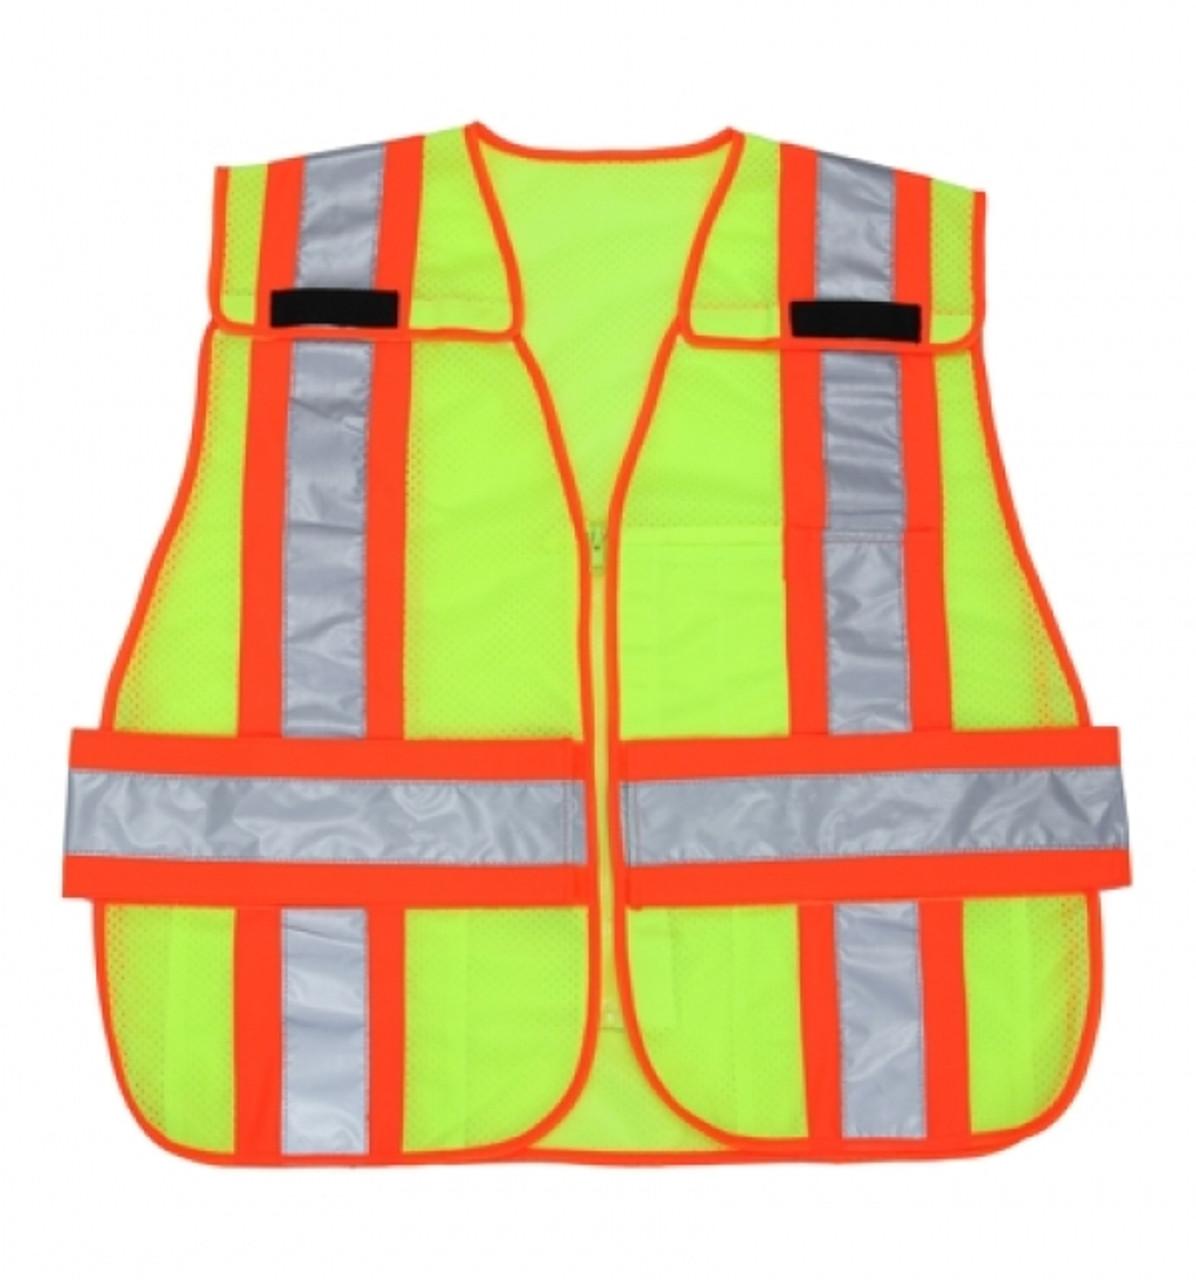 Class 2 Level 2 Safety Vest